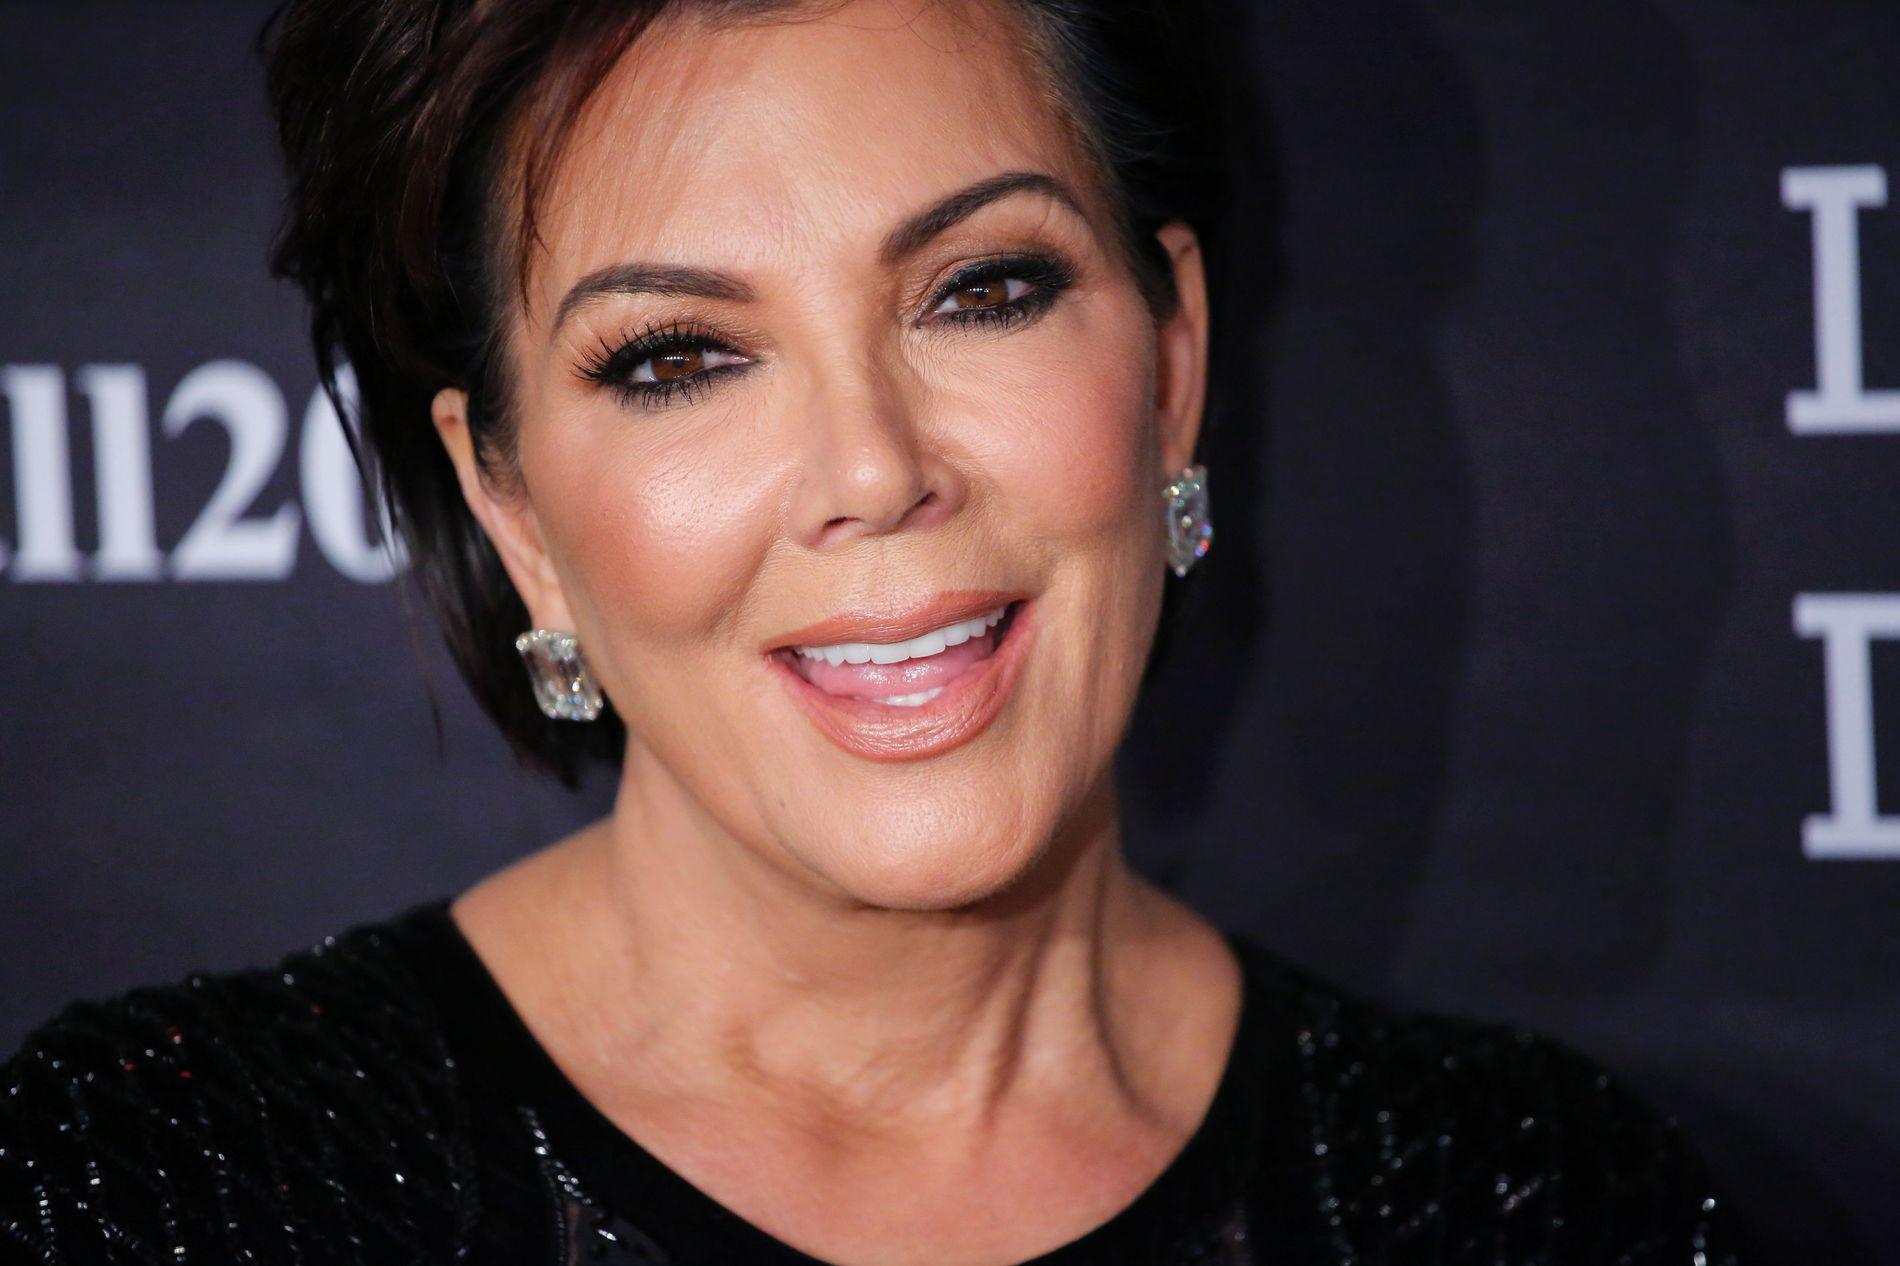 KNUST AV LEKKASJEN: Kris Jenner avviser alle spekulasjoner om at hun eller Kim Kardashian lekket sex-videoen i 2006.